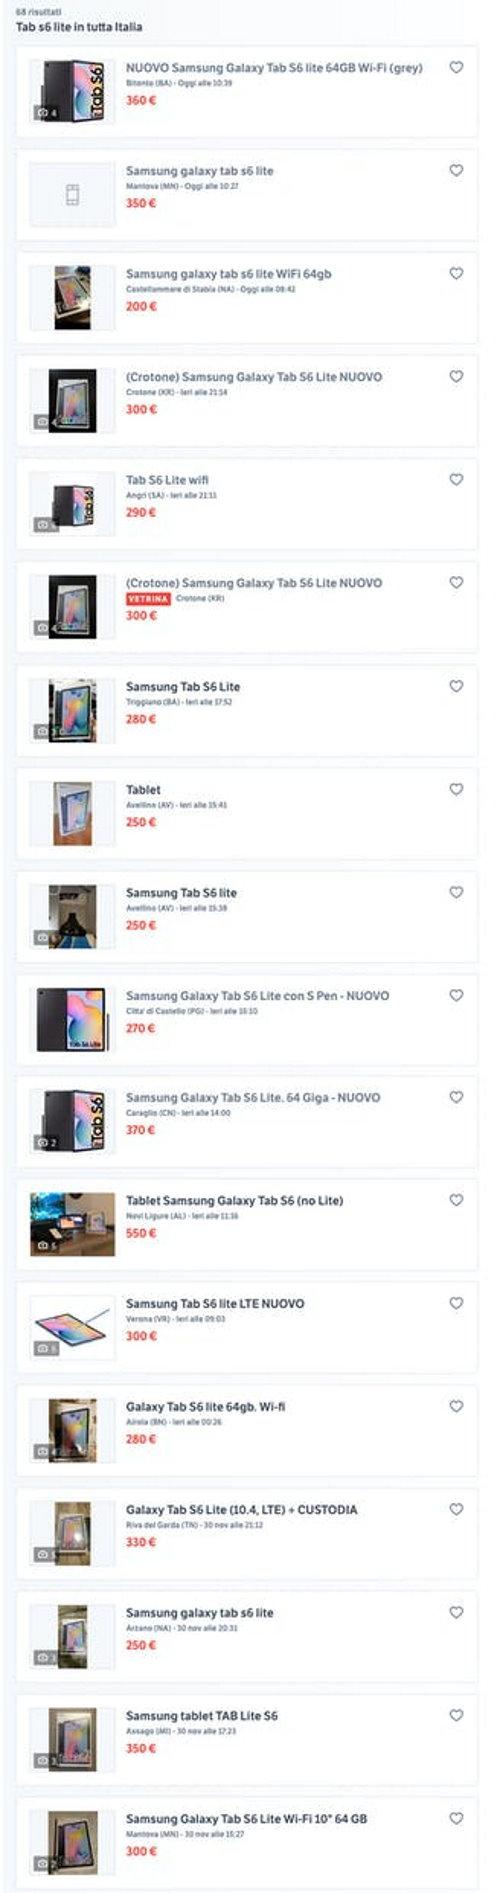 Galaxy Tab S6 Lite Wifi bonus PC il caso venduto sui marketplace dell'usato online